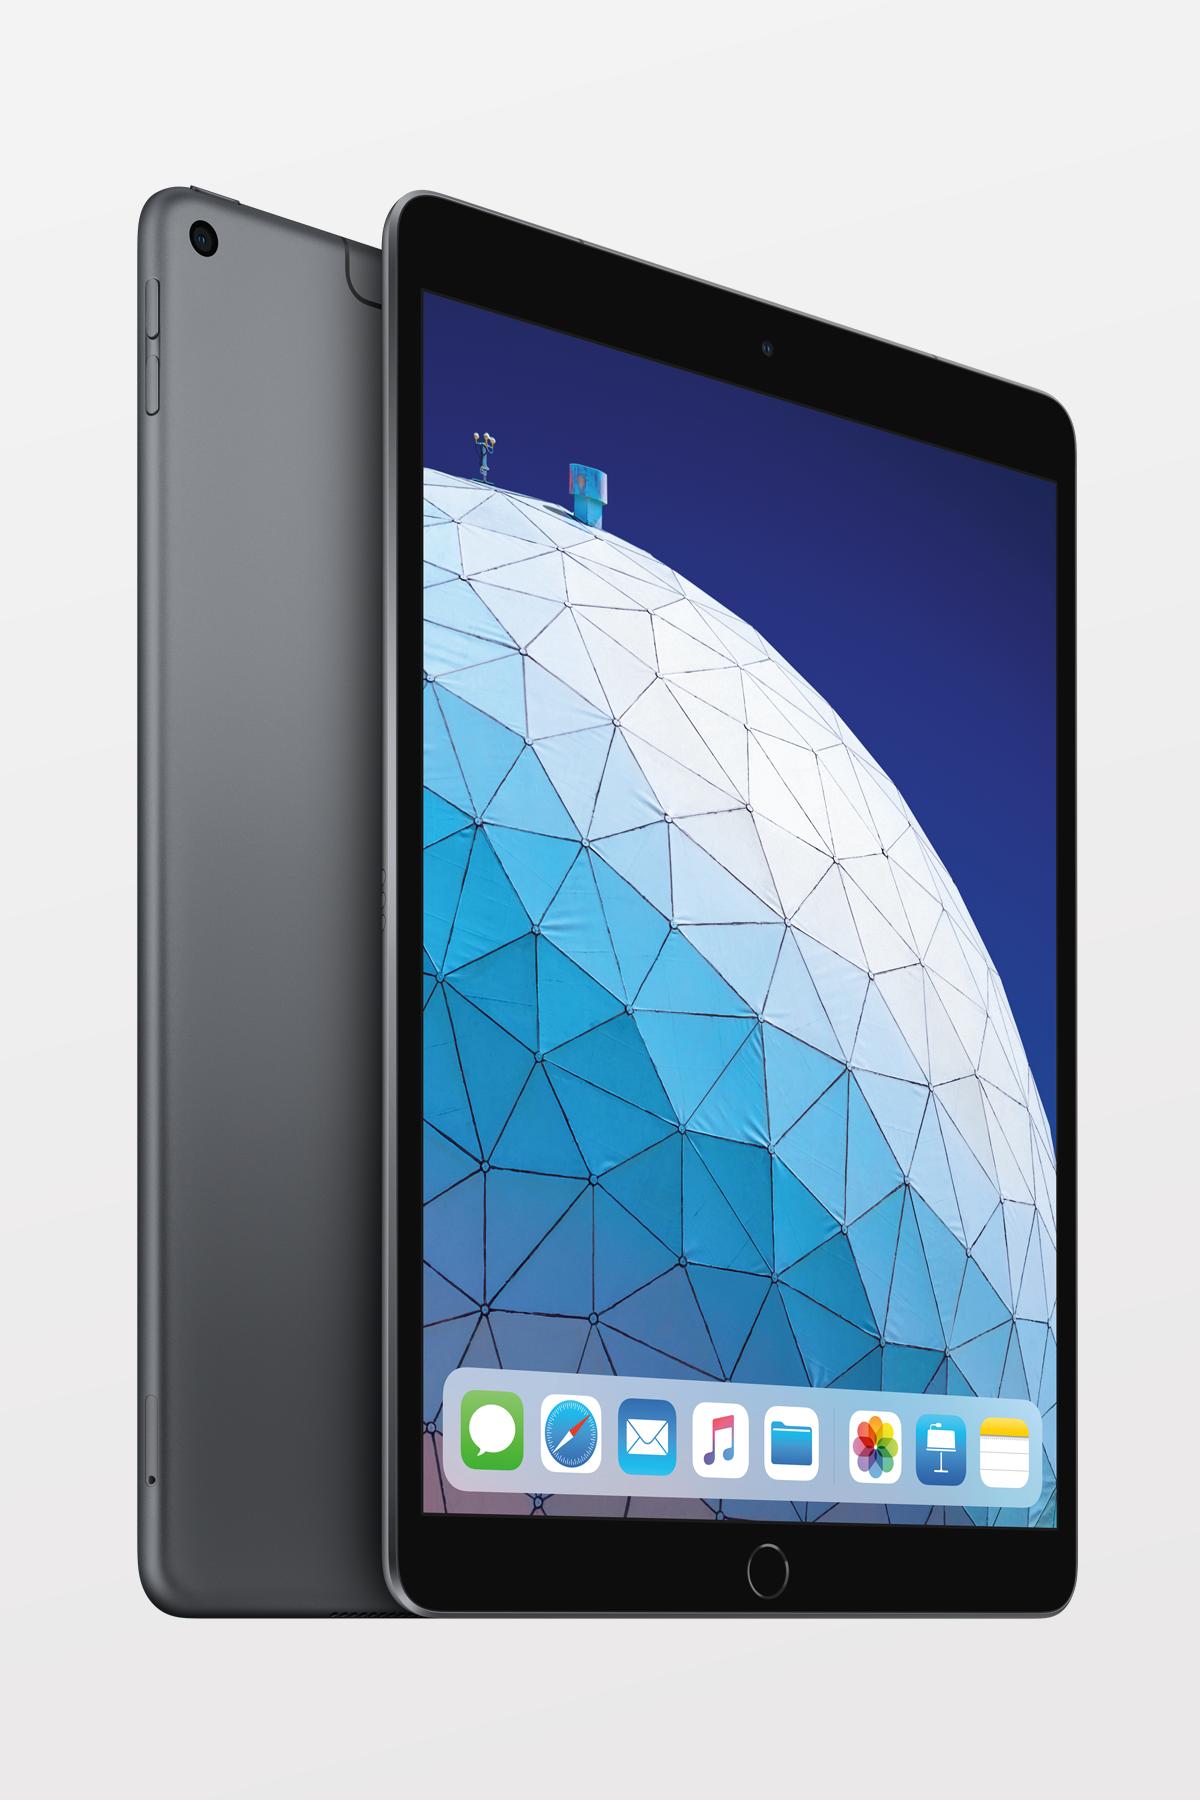 Apple 10.5-inch iPad Air Wi-Fi + Cellular 256GB - Space Grey - Refurbished